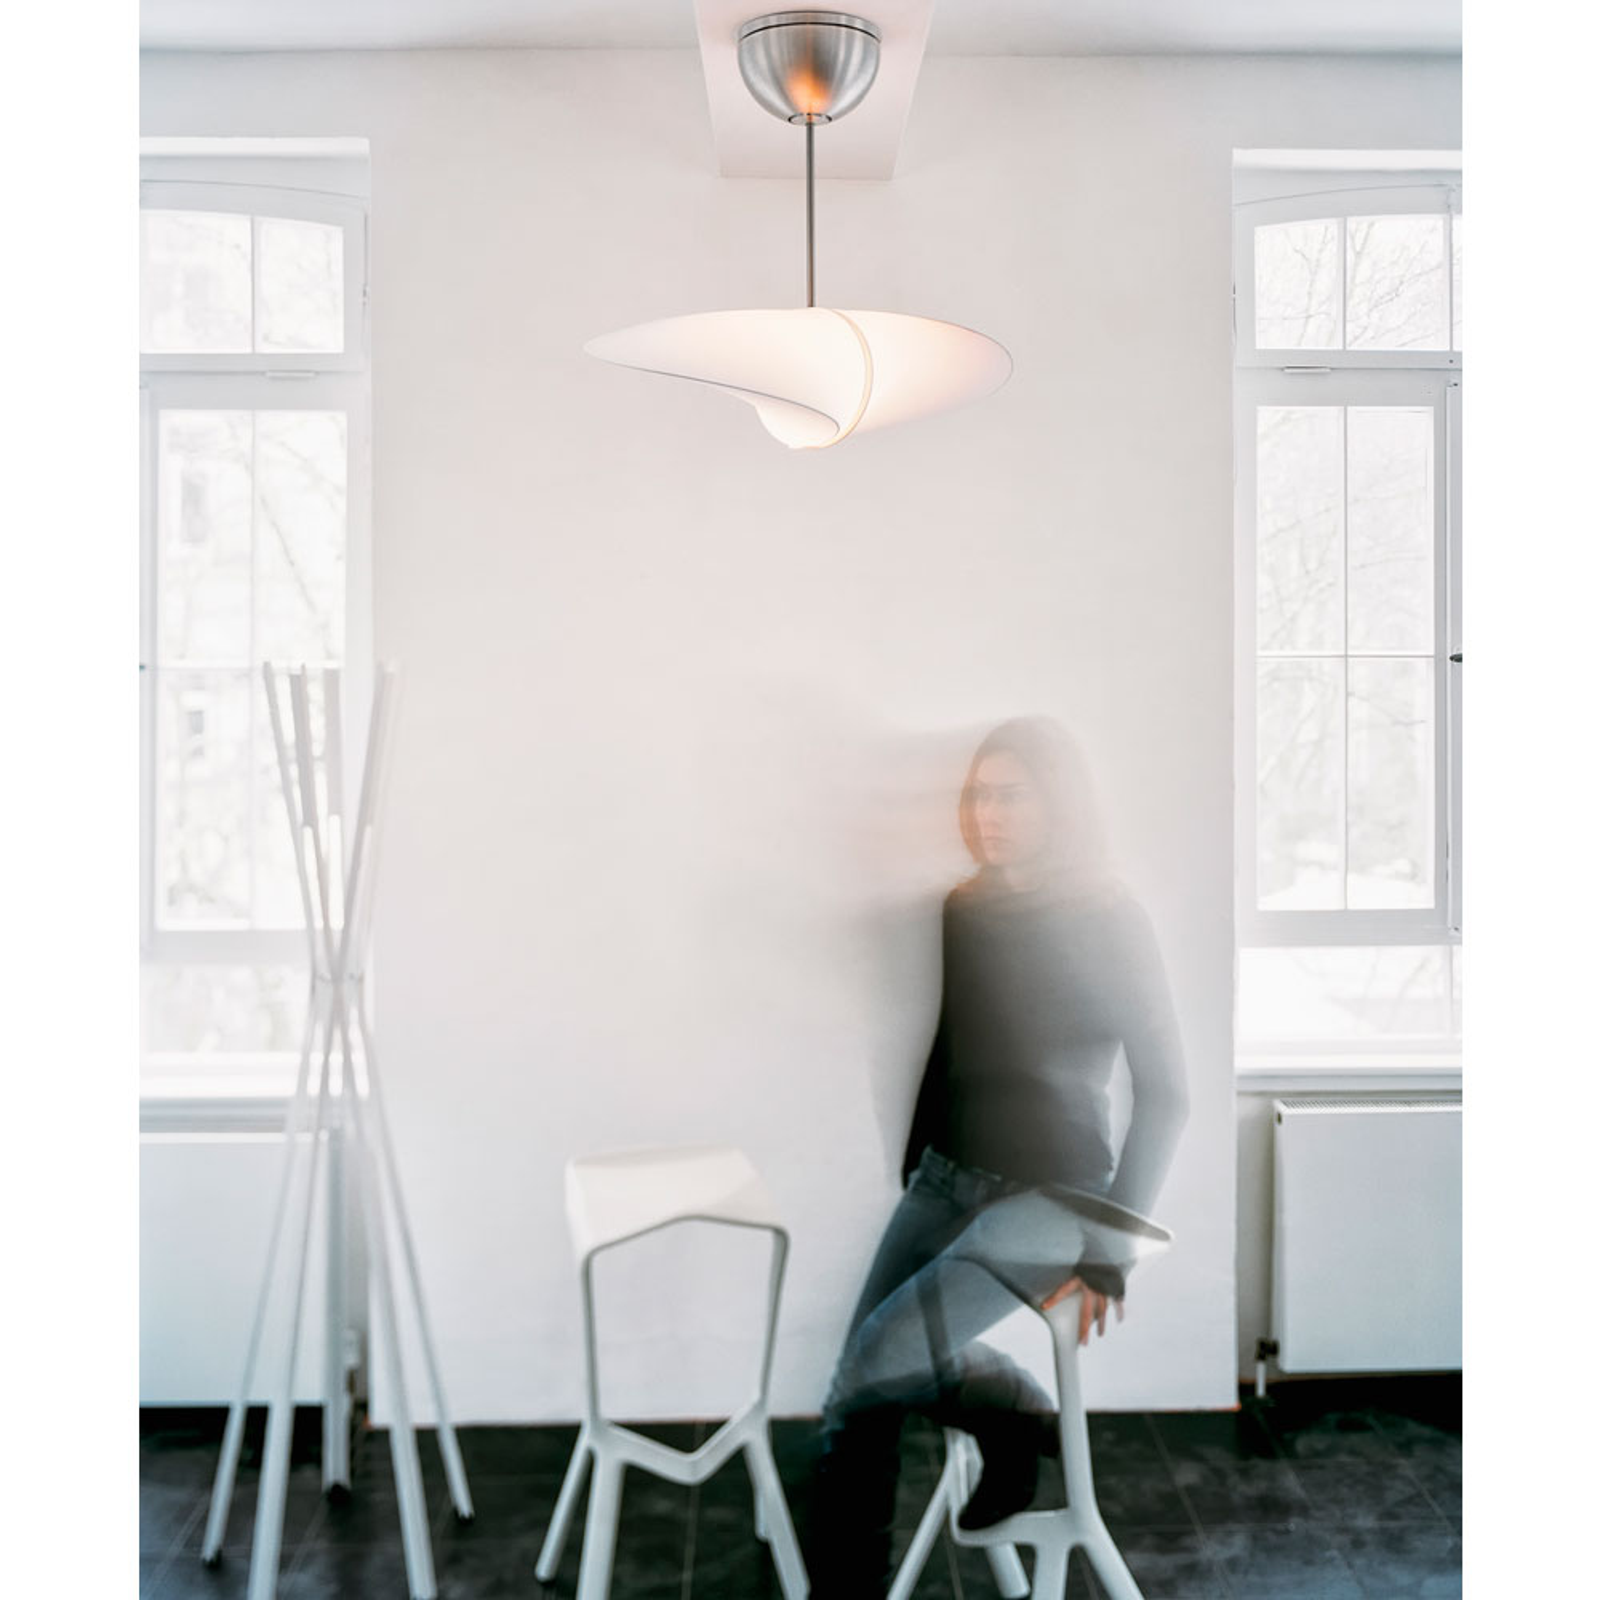 Propeller - als Leuchte für Ausstellungsraum